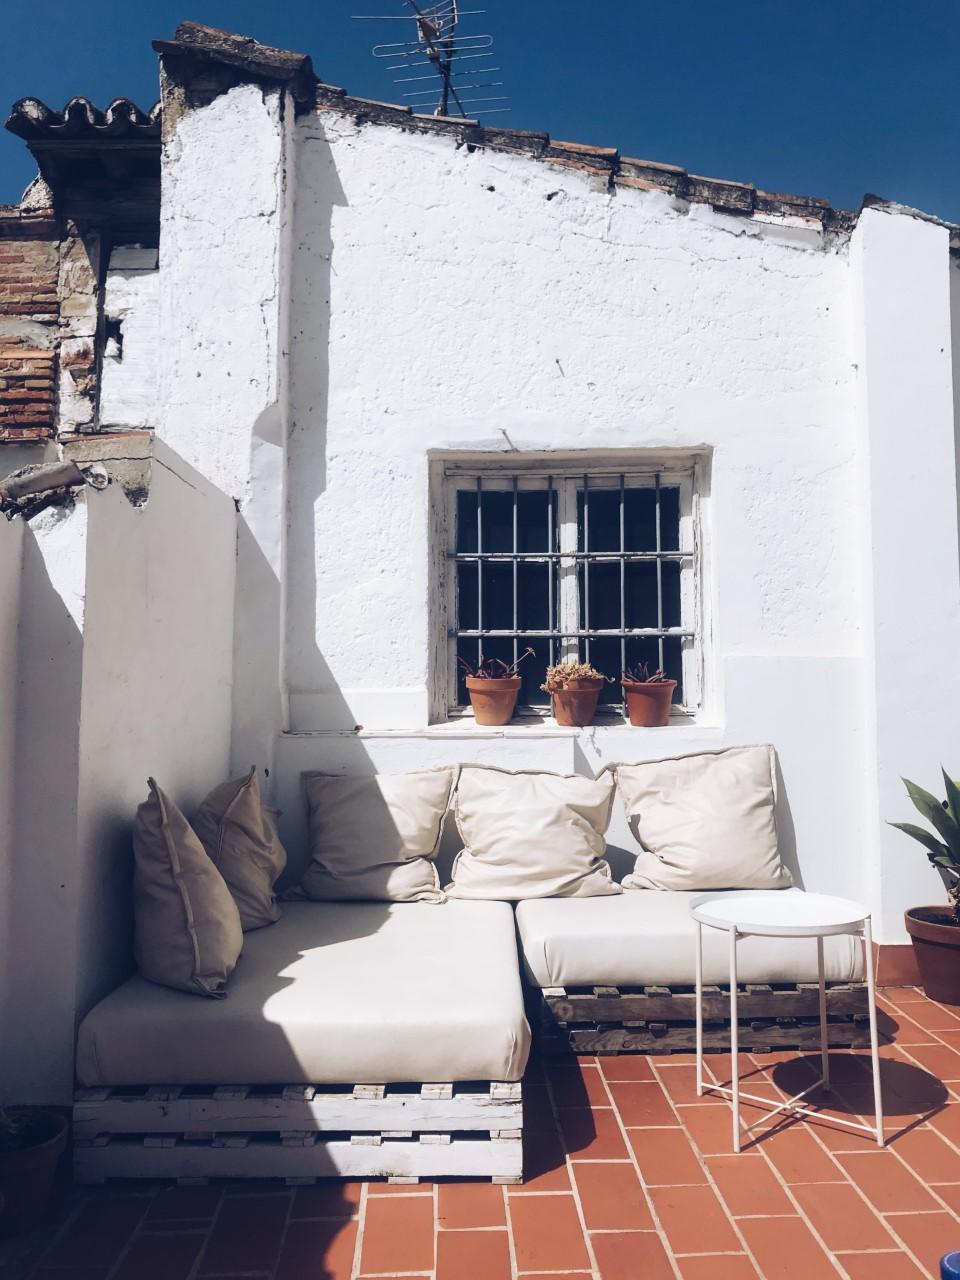 Dulces & Dreams Rooftop Garden, Malaga.